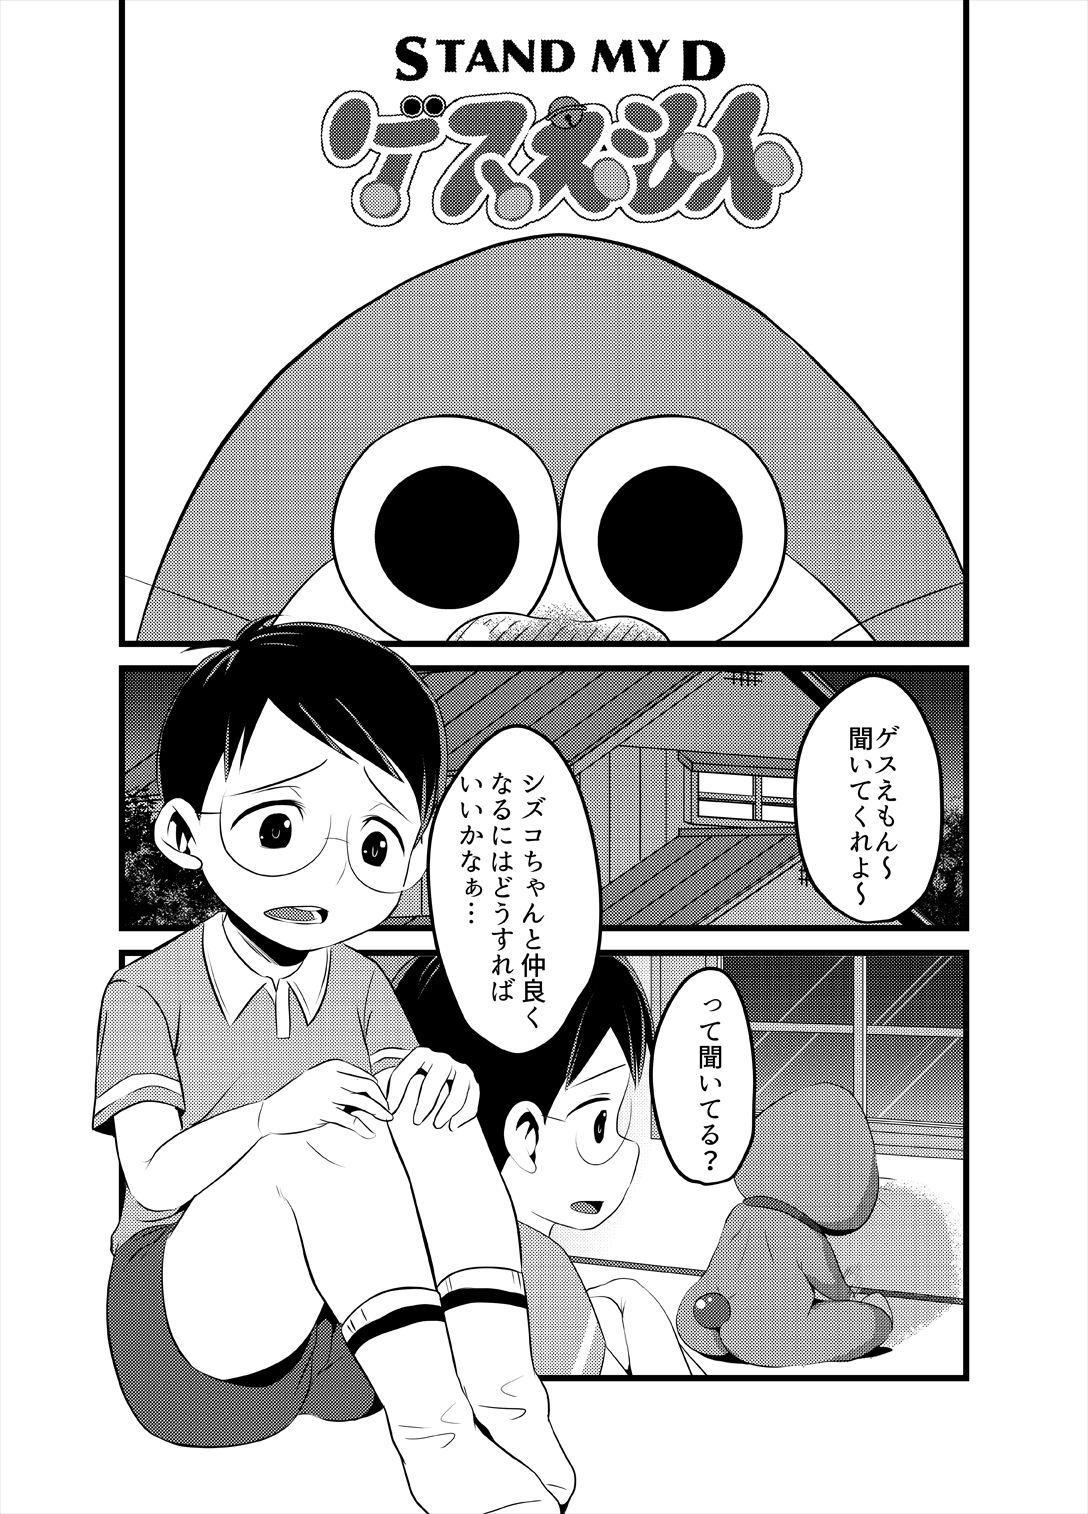 [Babymaker (Beco)] Gesuemon STAND-MY-D (Doraemon) [Digital] 1